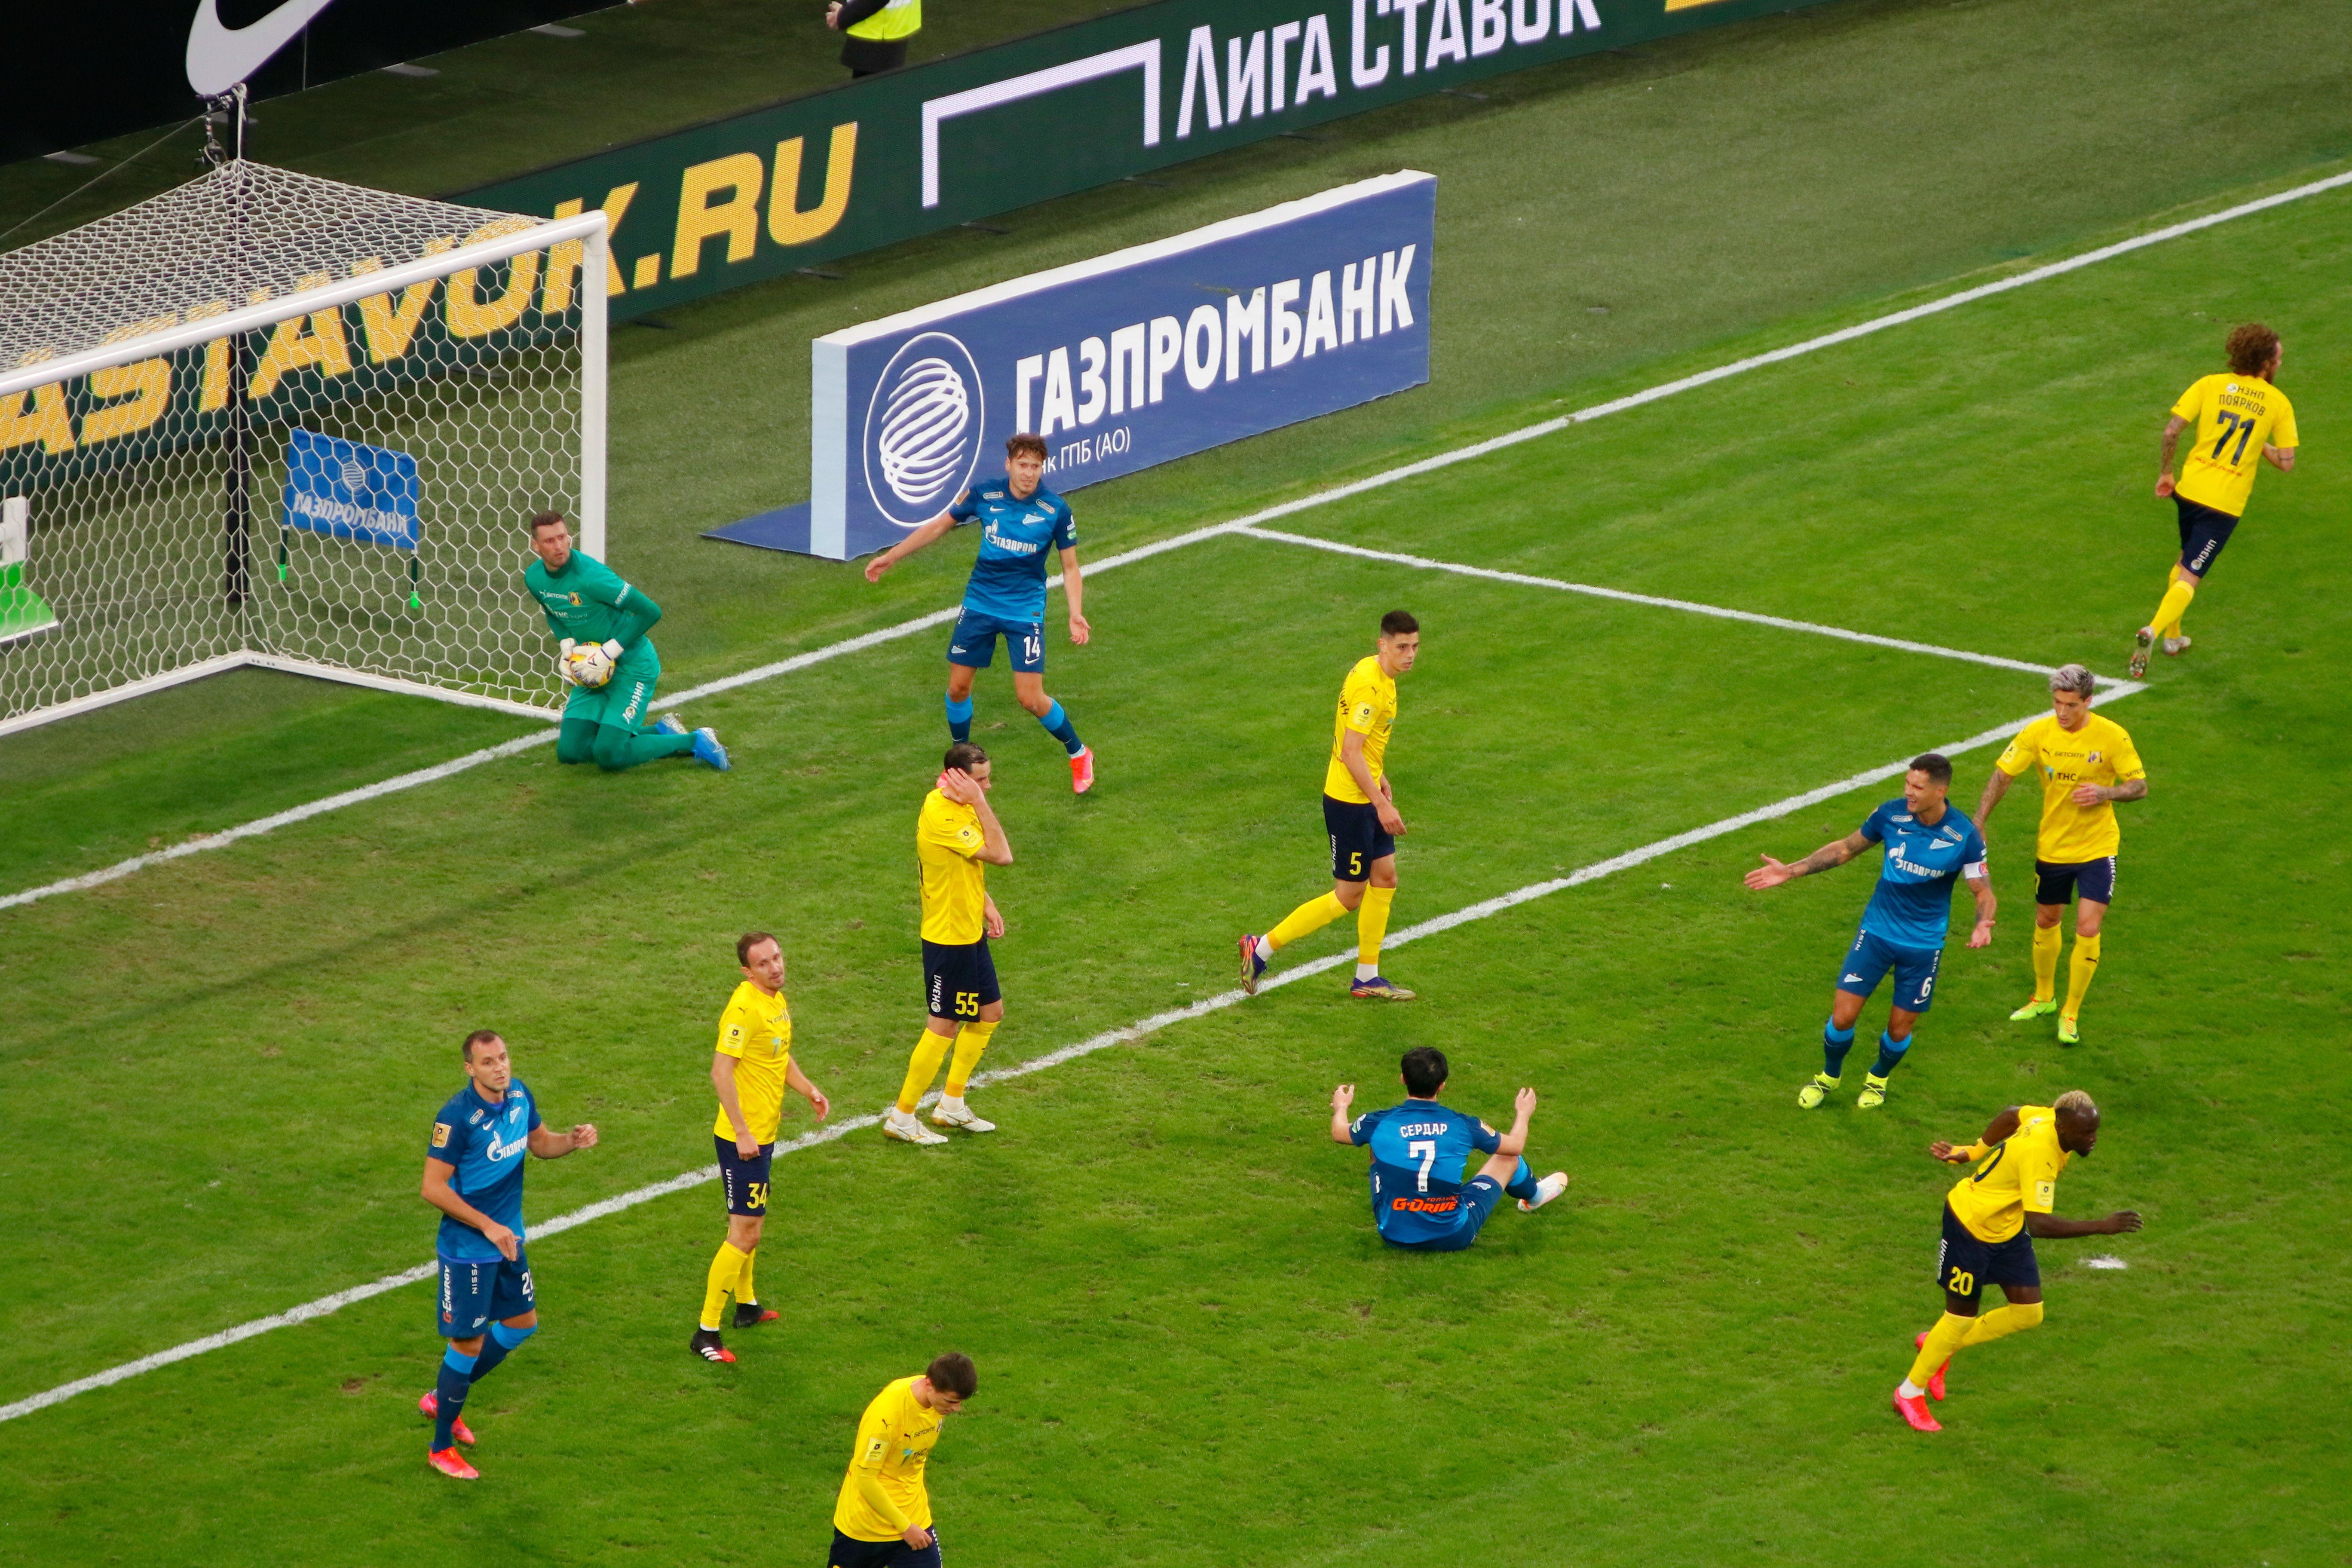 Соу прокомментировал свой дебют за Ростов: Отличное начало